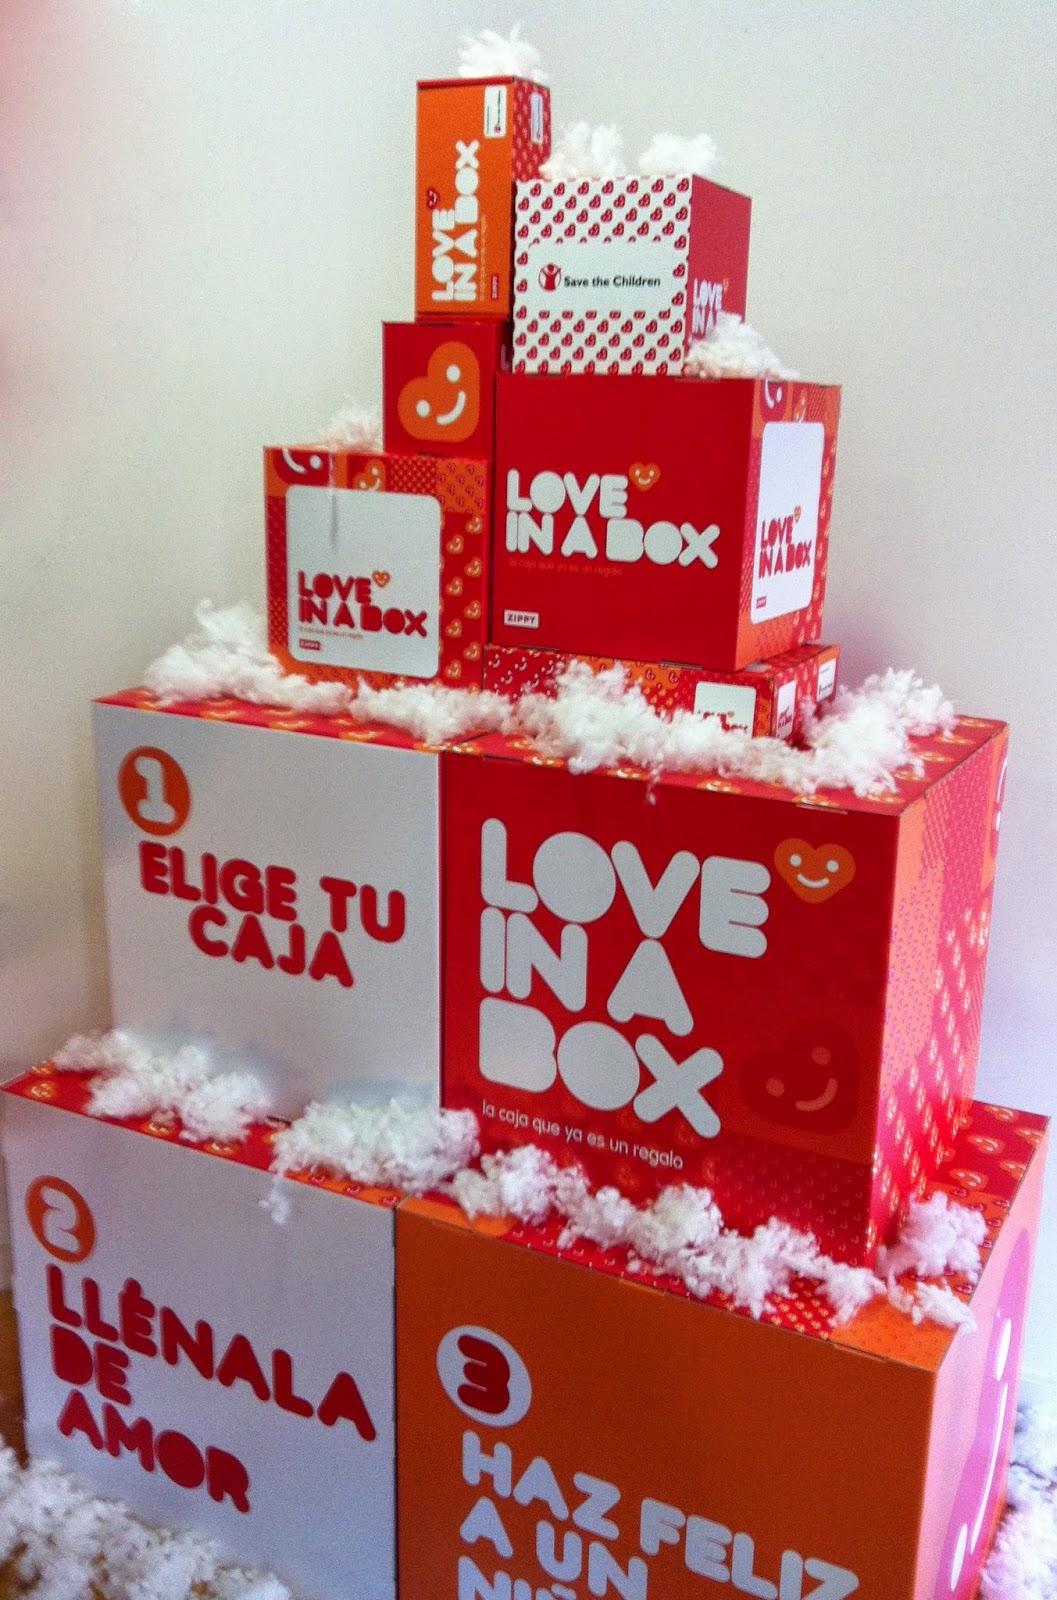 #loveinabox la caja que ya es un regalo